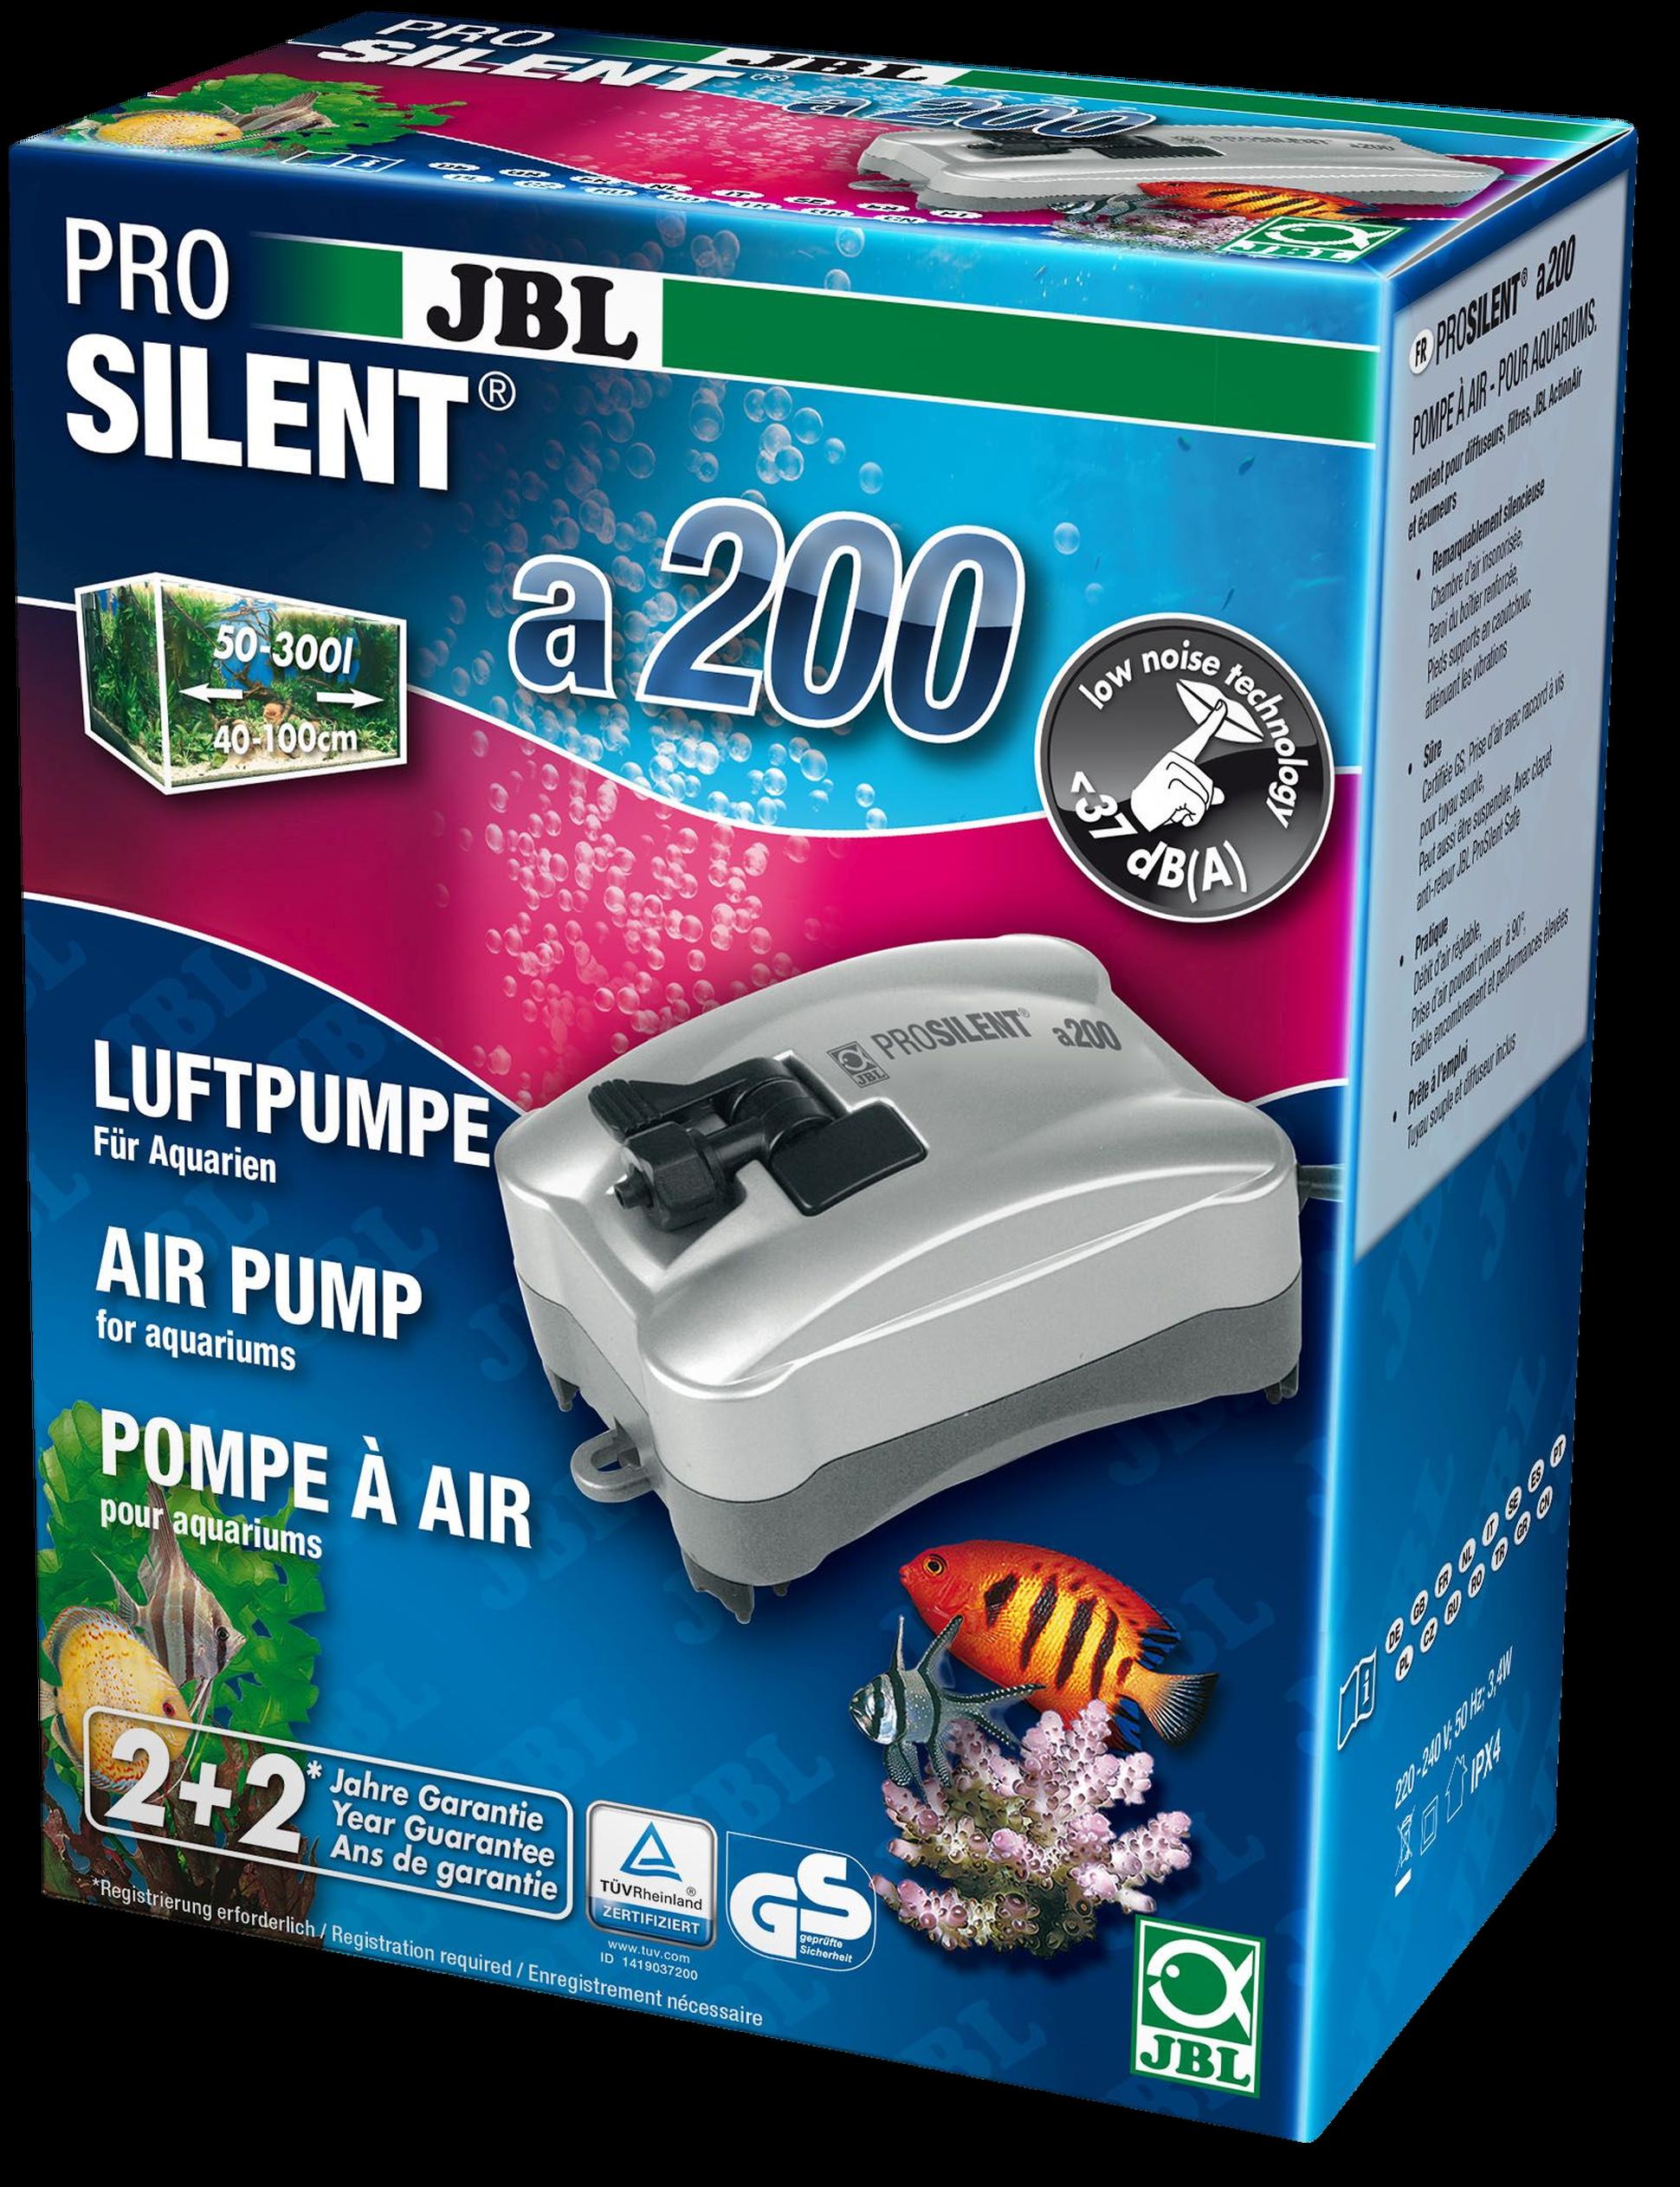 [282.6054200]  JBL ProSilent a200 - Компрессор для пресноводных и морских аквариумов 50-300 л 3,5 Вт